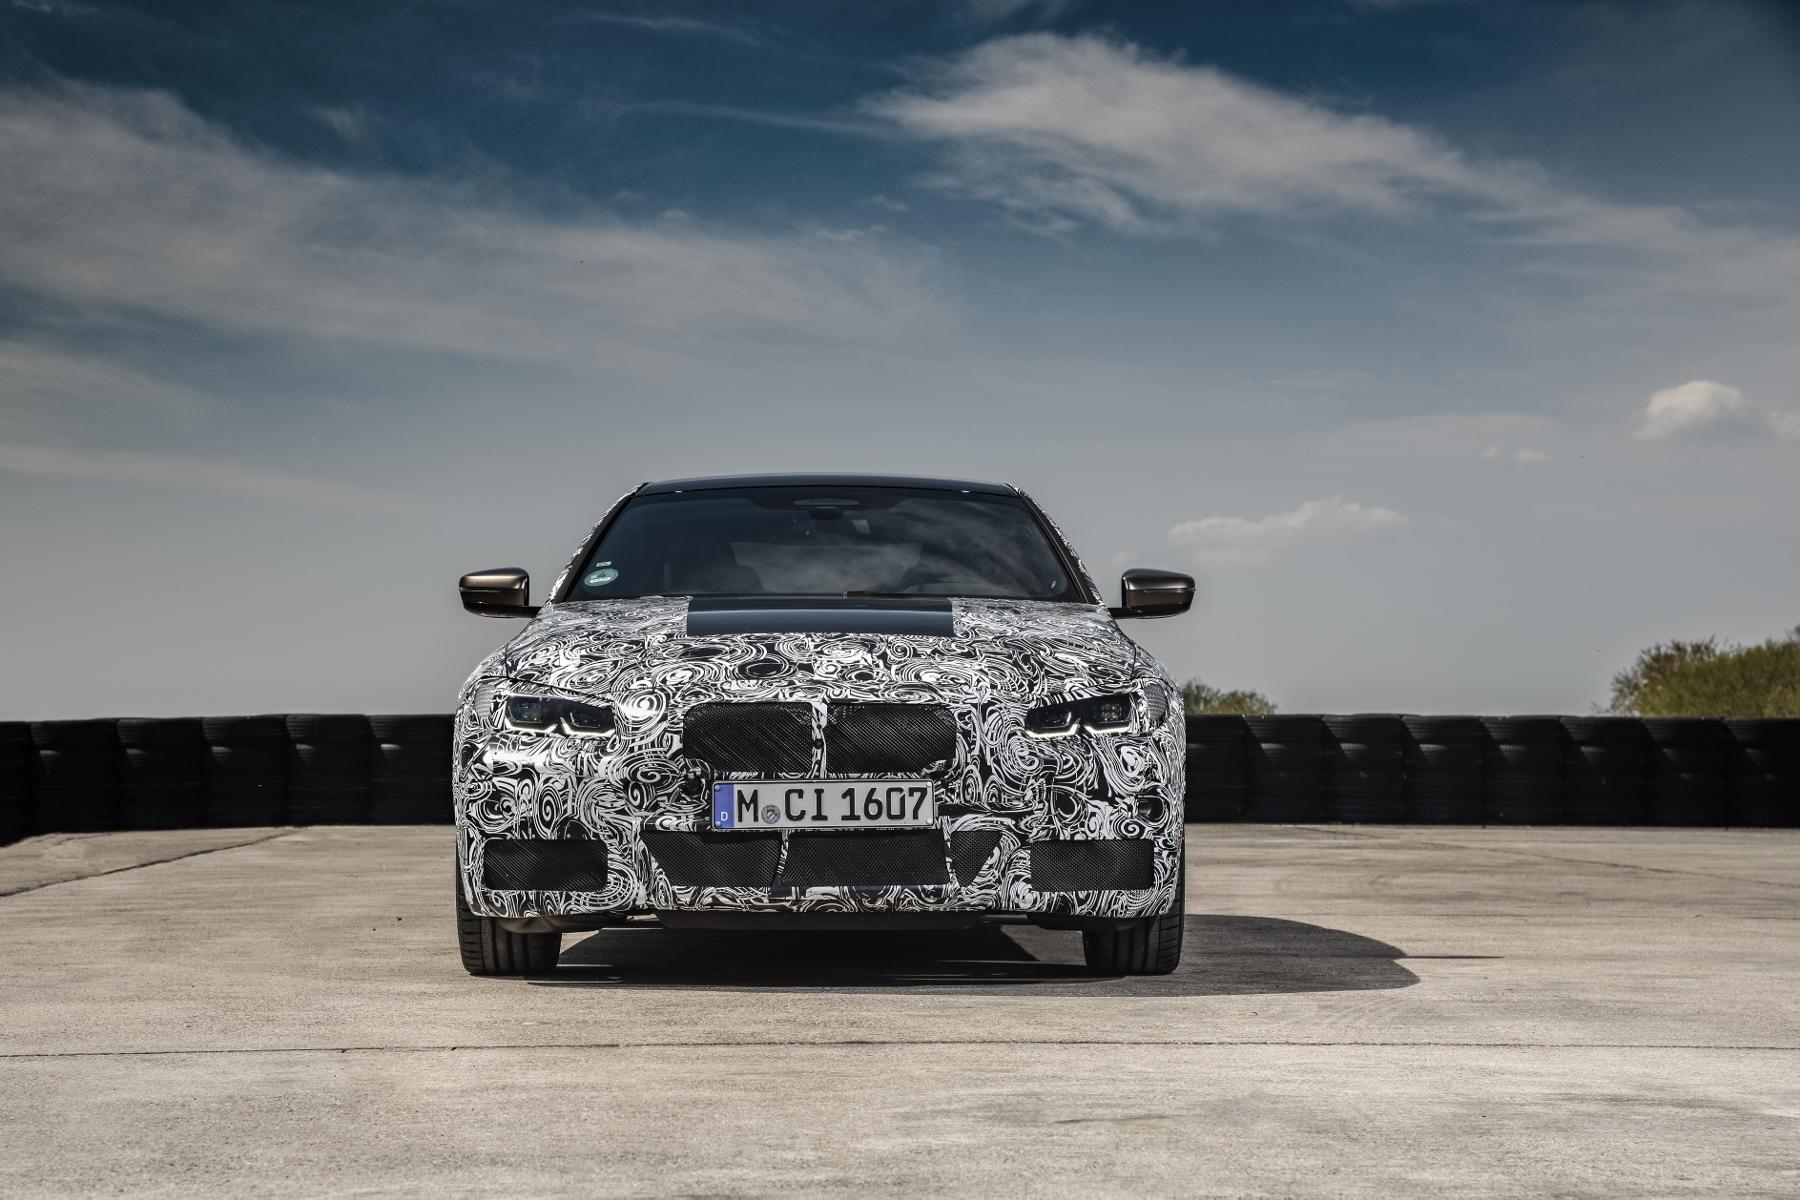 Nové BMW radu 4 Coupé dostane športovejší podvozok bIjVuW2fqk bmw-4-coupe-14